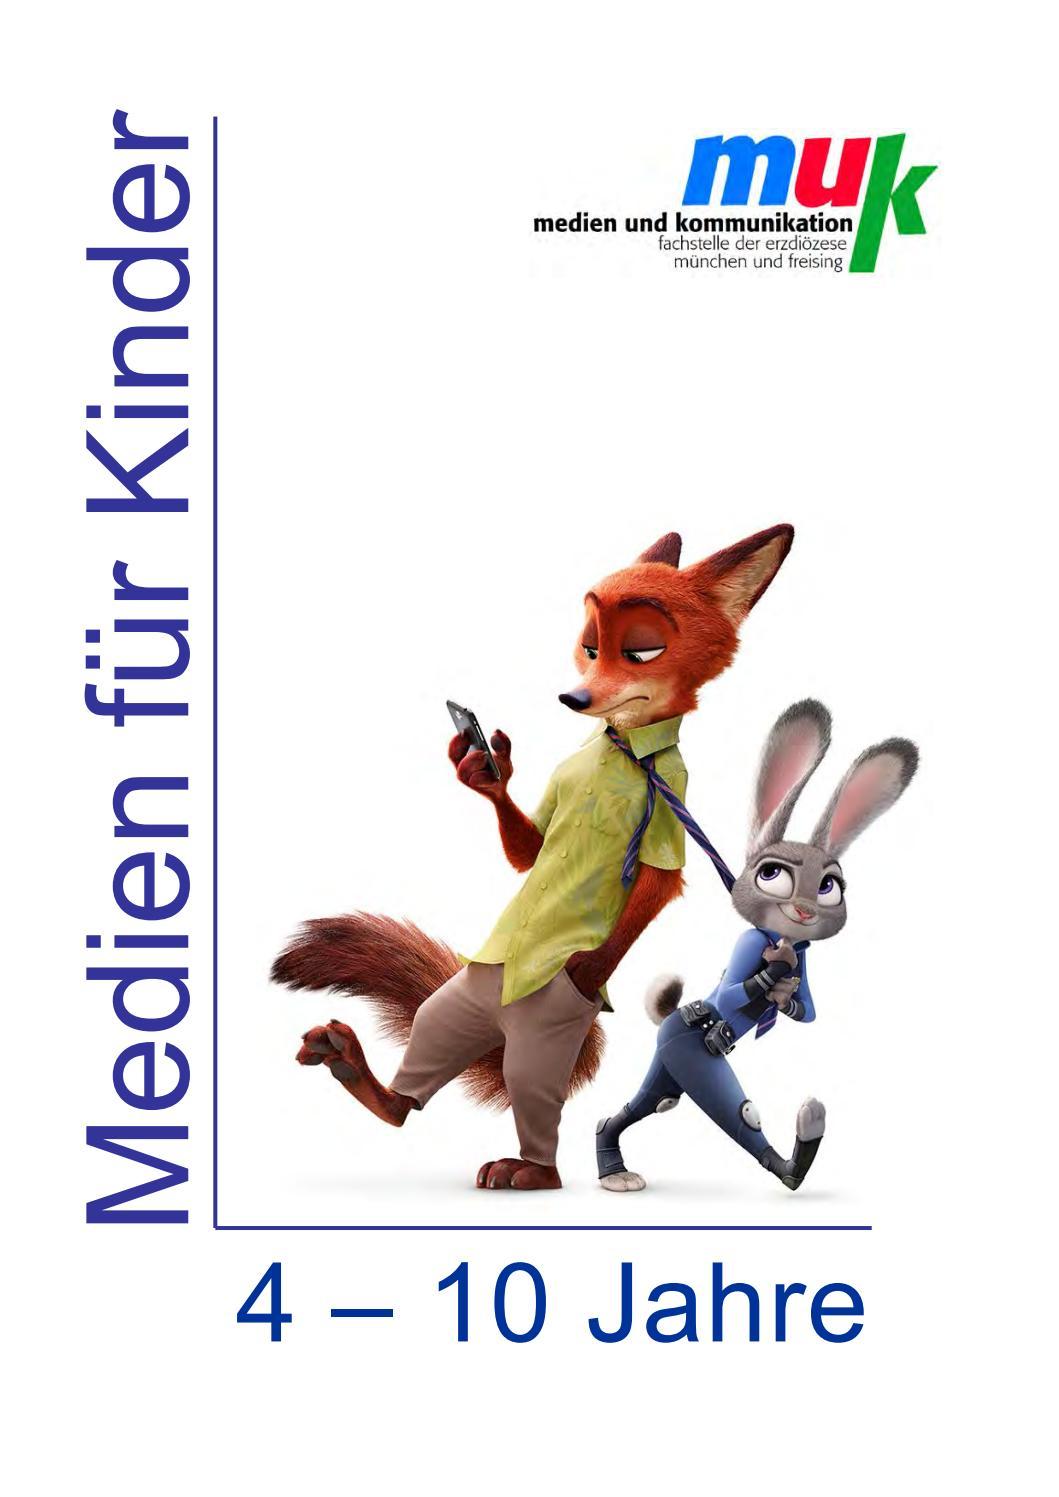 Medien für Kinder 2017 by Matthias Woerther - issuu